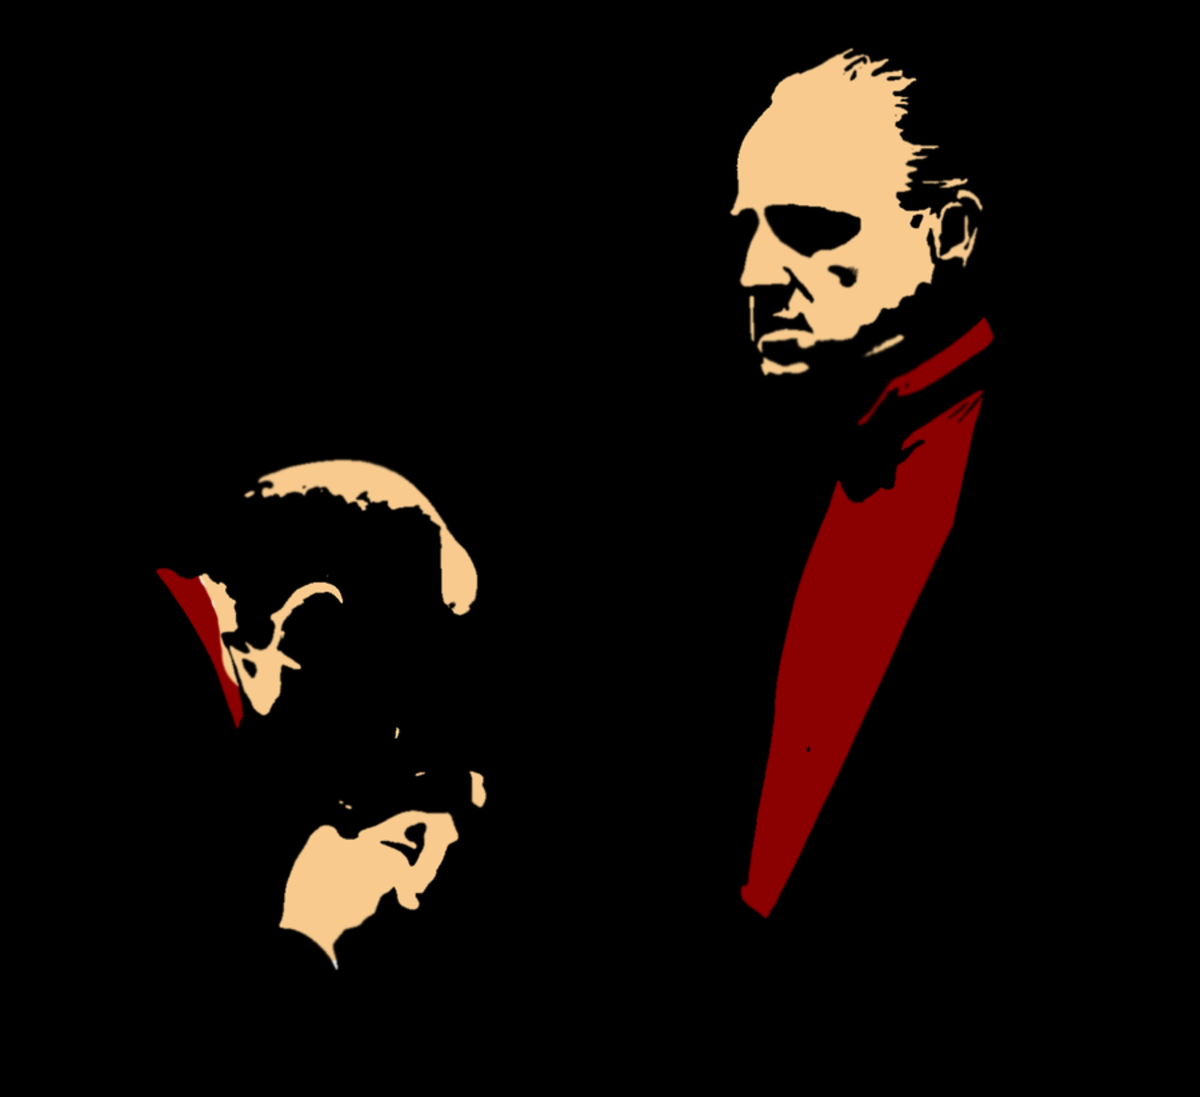 Godfather Vito Corleone